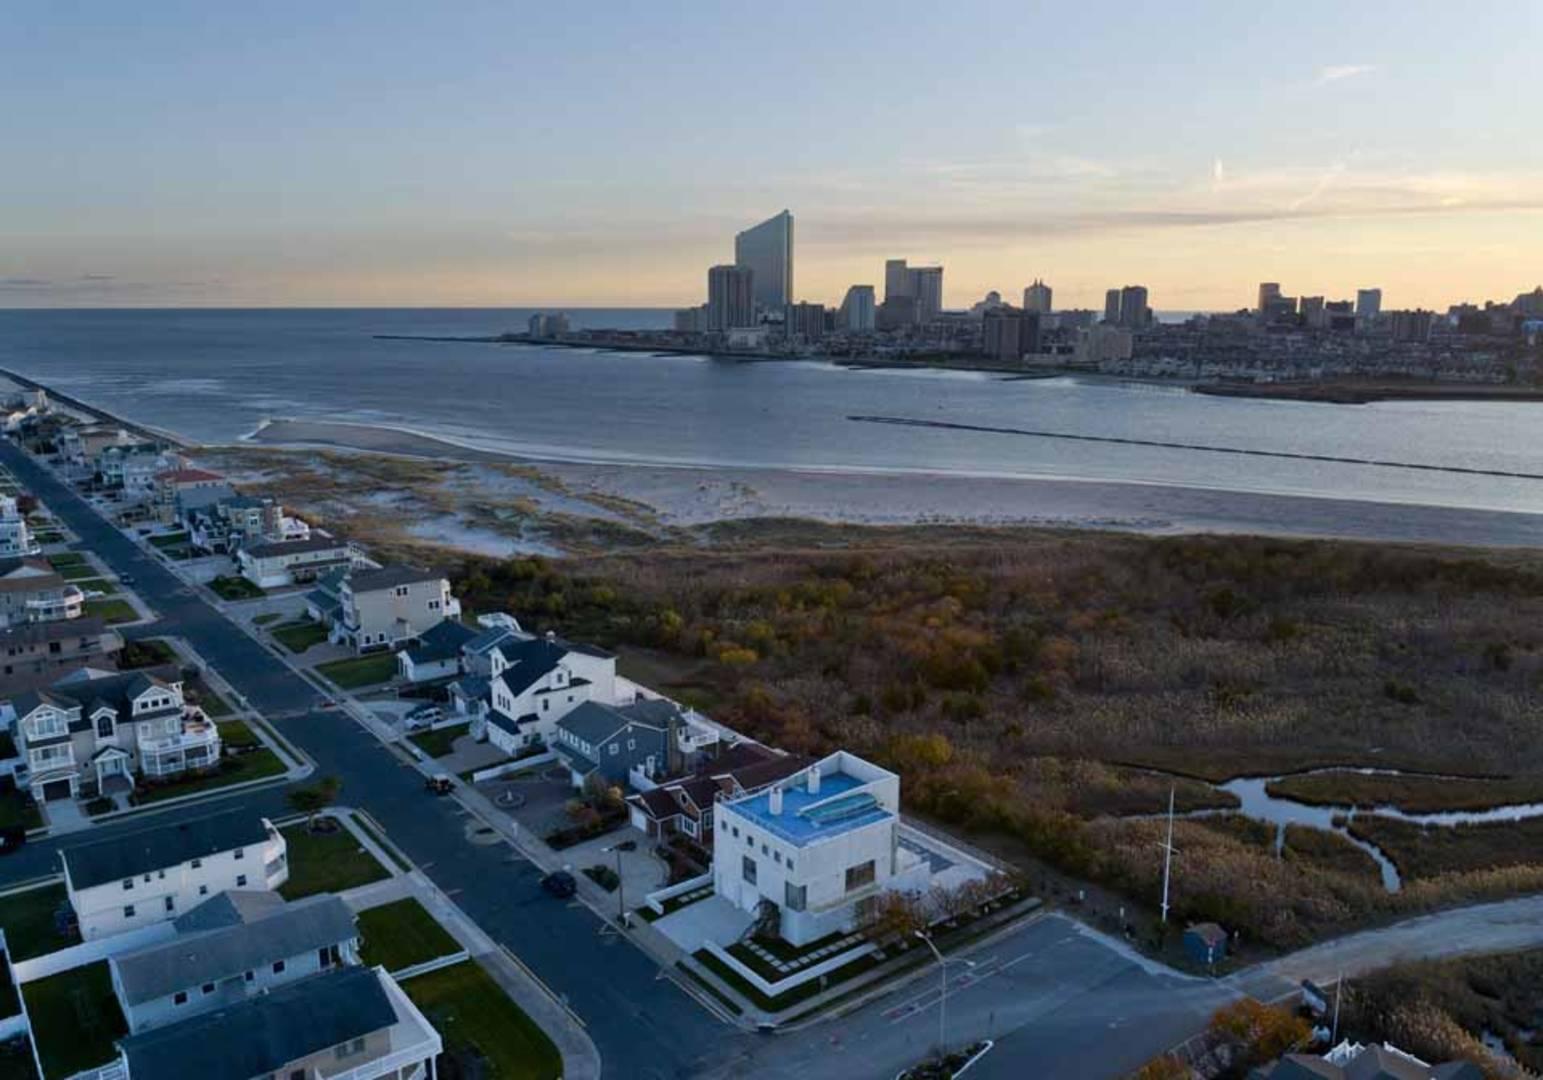 2 Ocean Dr West Brigantine, NJ 08203